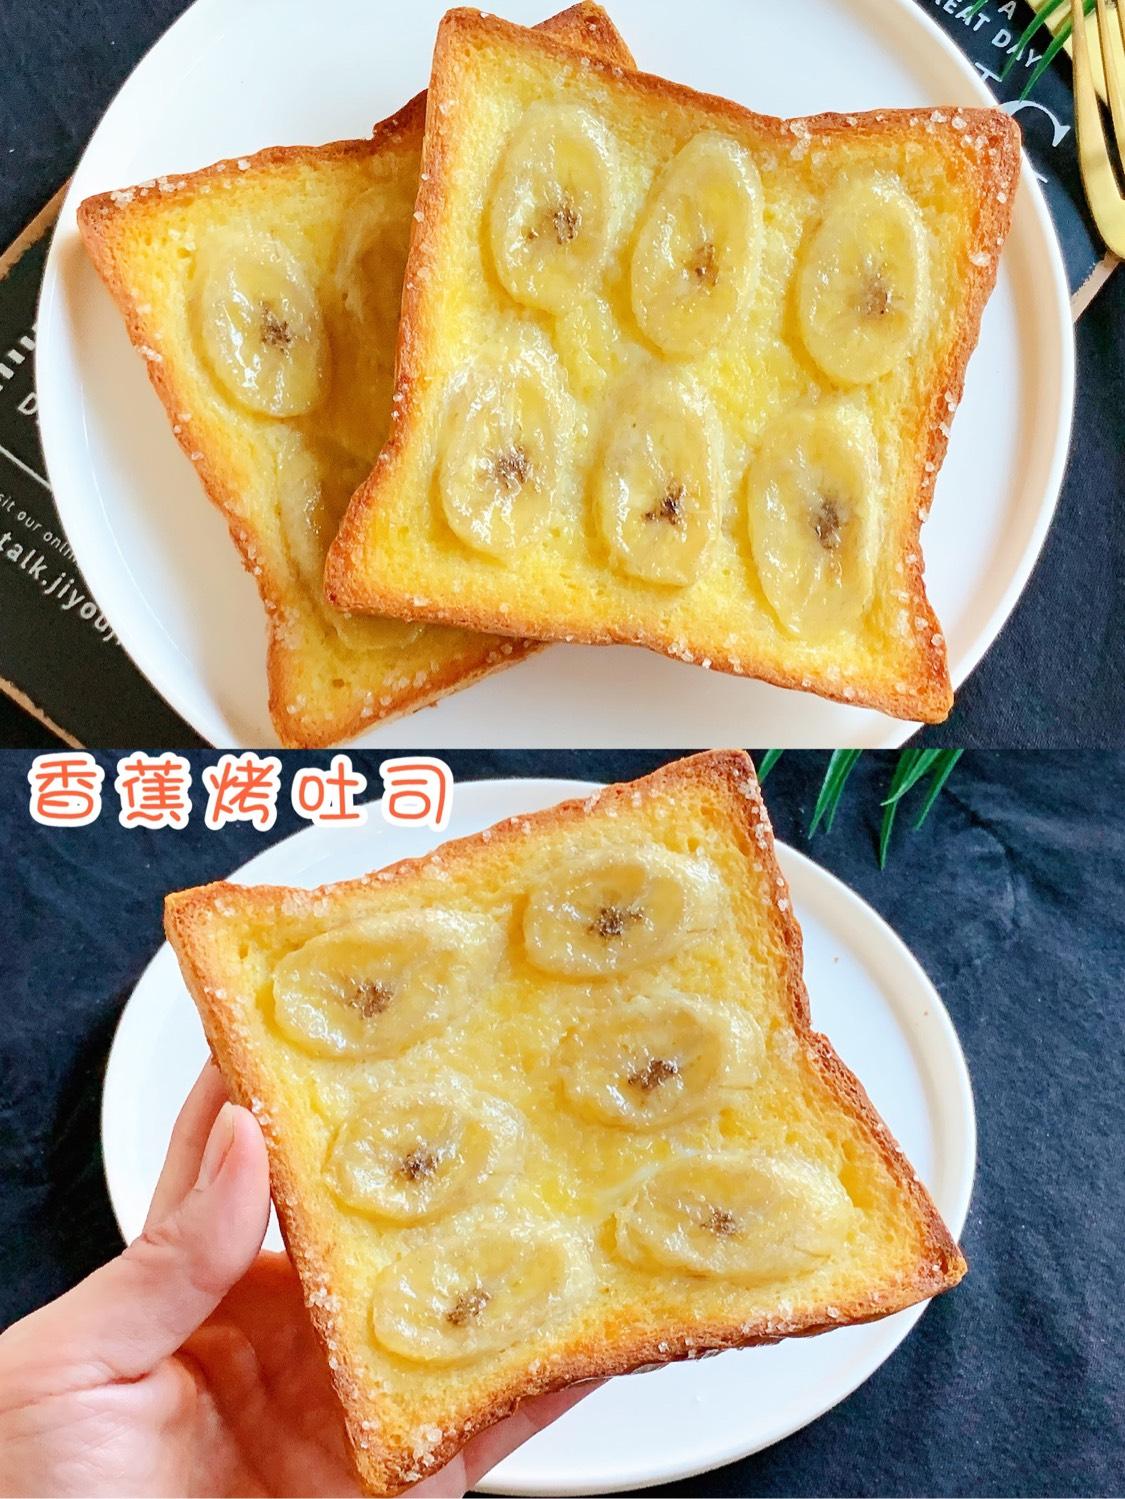 酥脆香甜,好吃到哭的香蕉烤吐司🍞超好